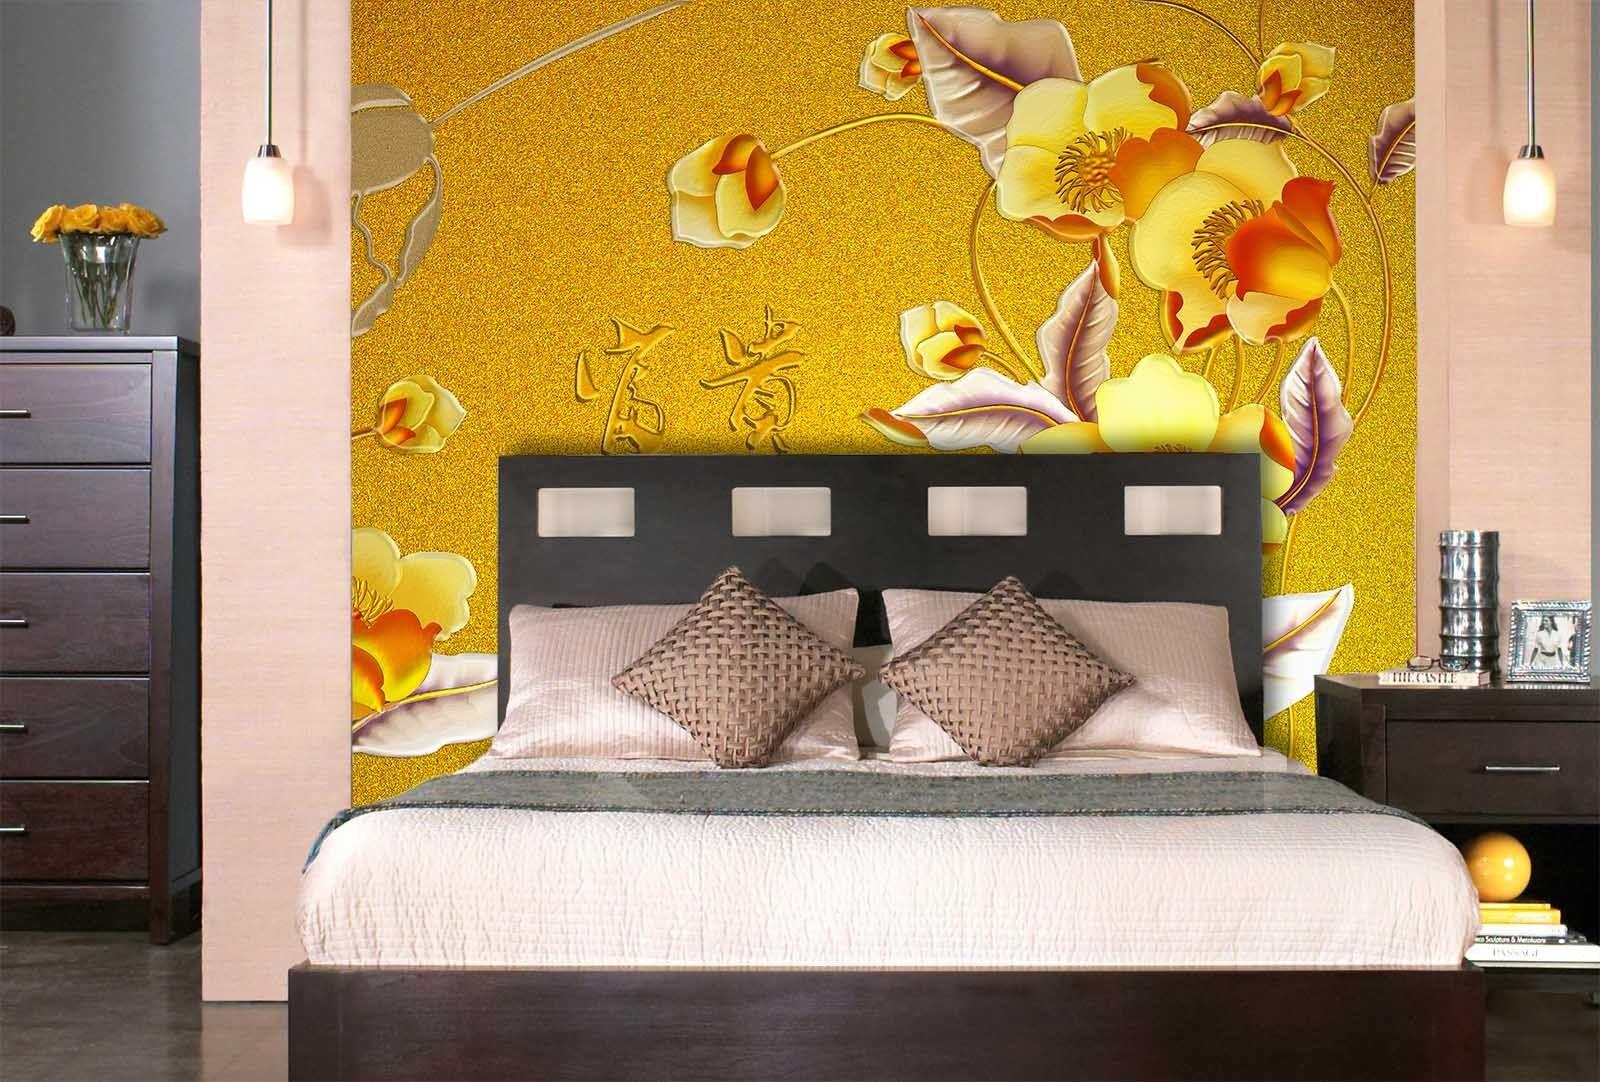 3D Gold Hintergrund Blaumen 77 Tapete Wandgemälde Tapete Tapete Tapete Tapeten Bild Familie DE | Ausreichende Versorgung  | Reparieren  | Gemäßigten Kosten  064527